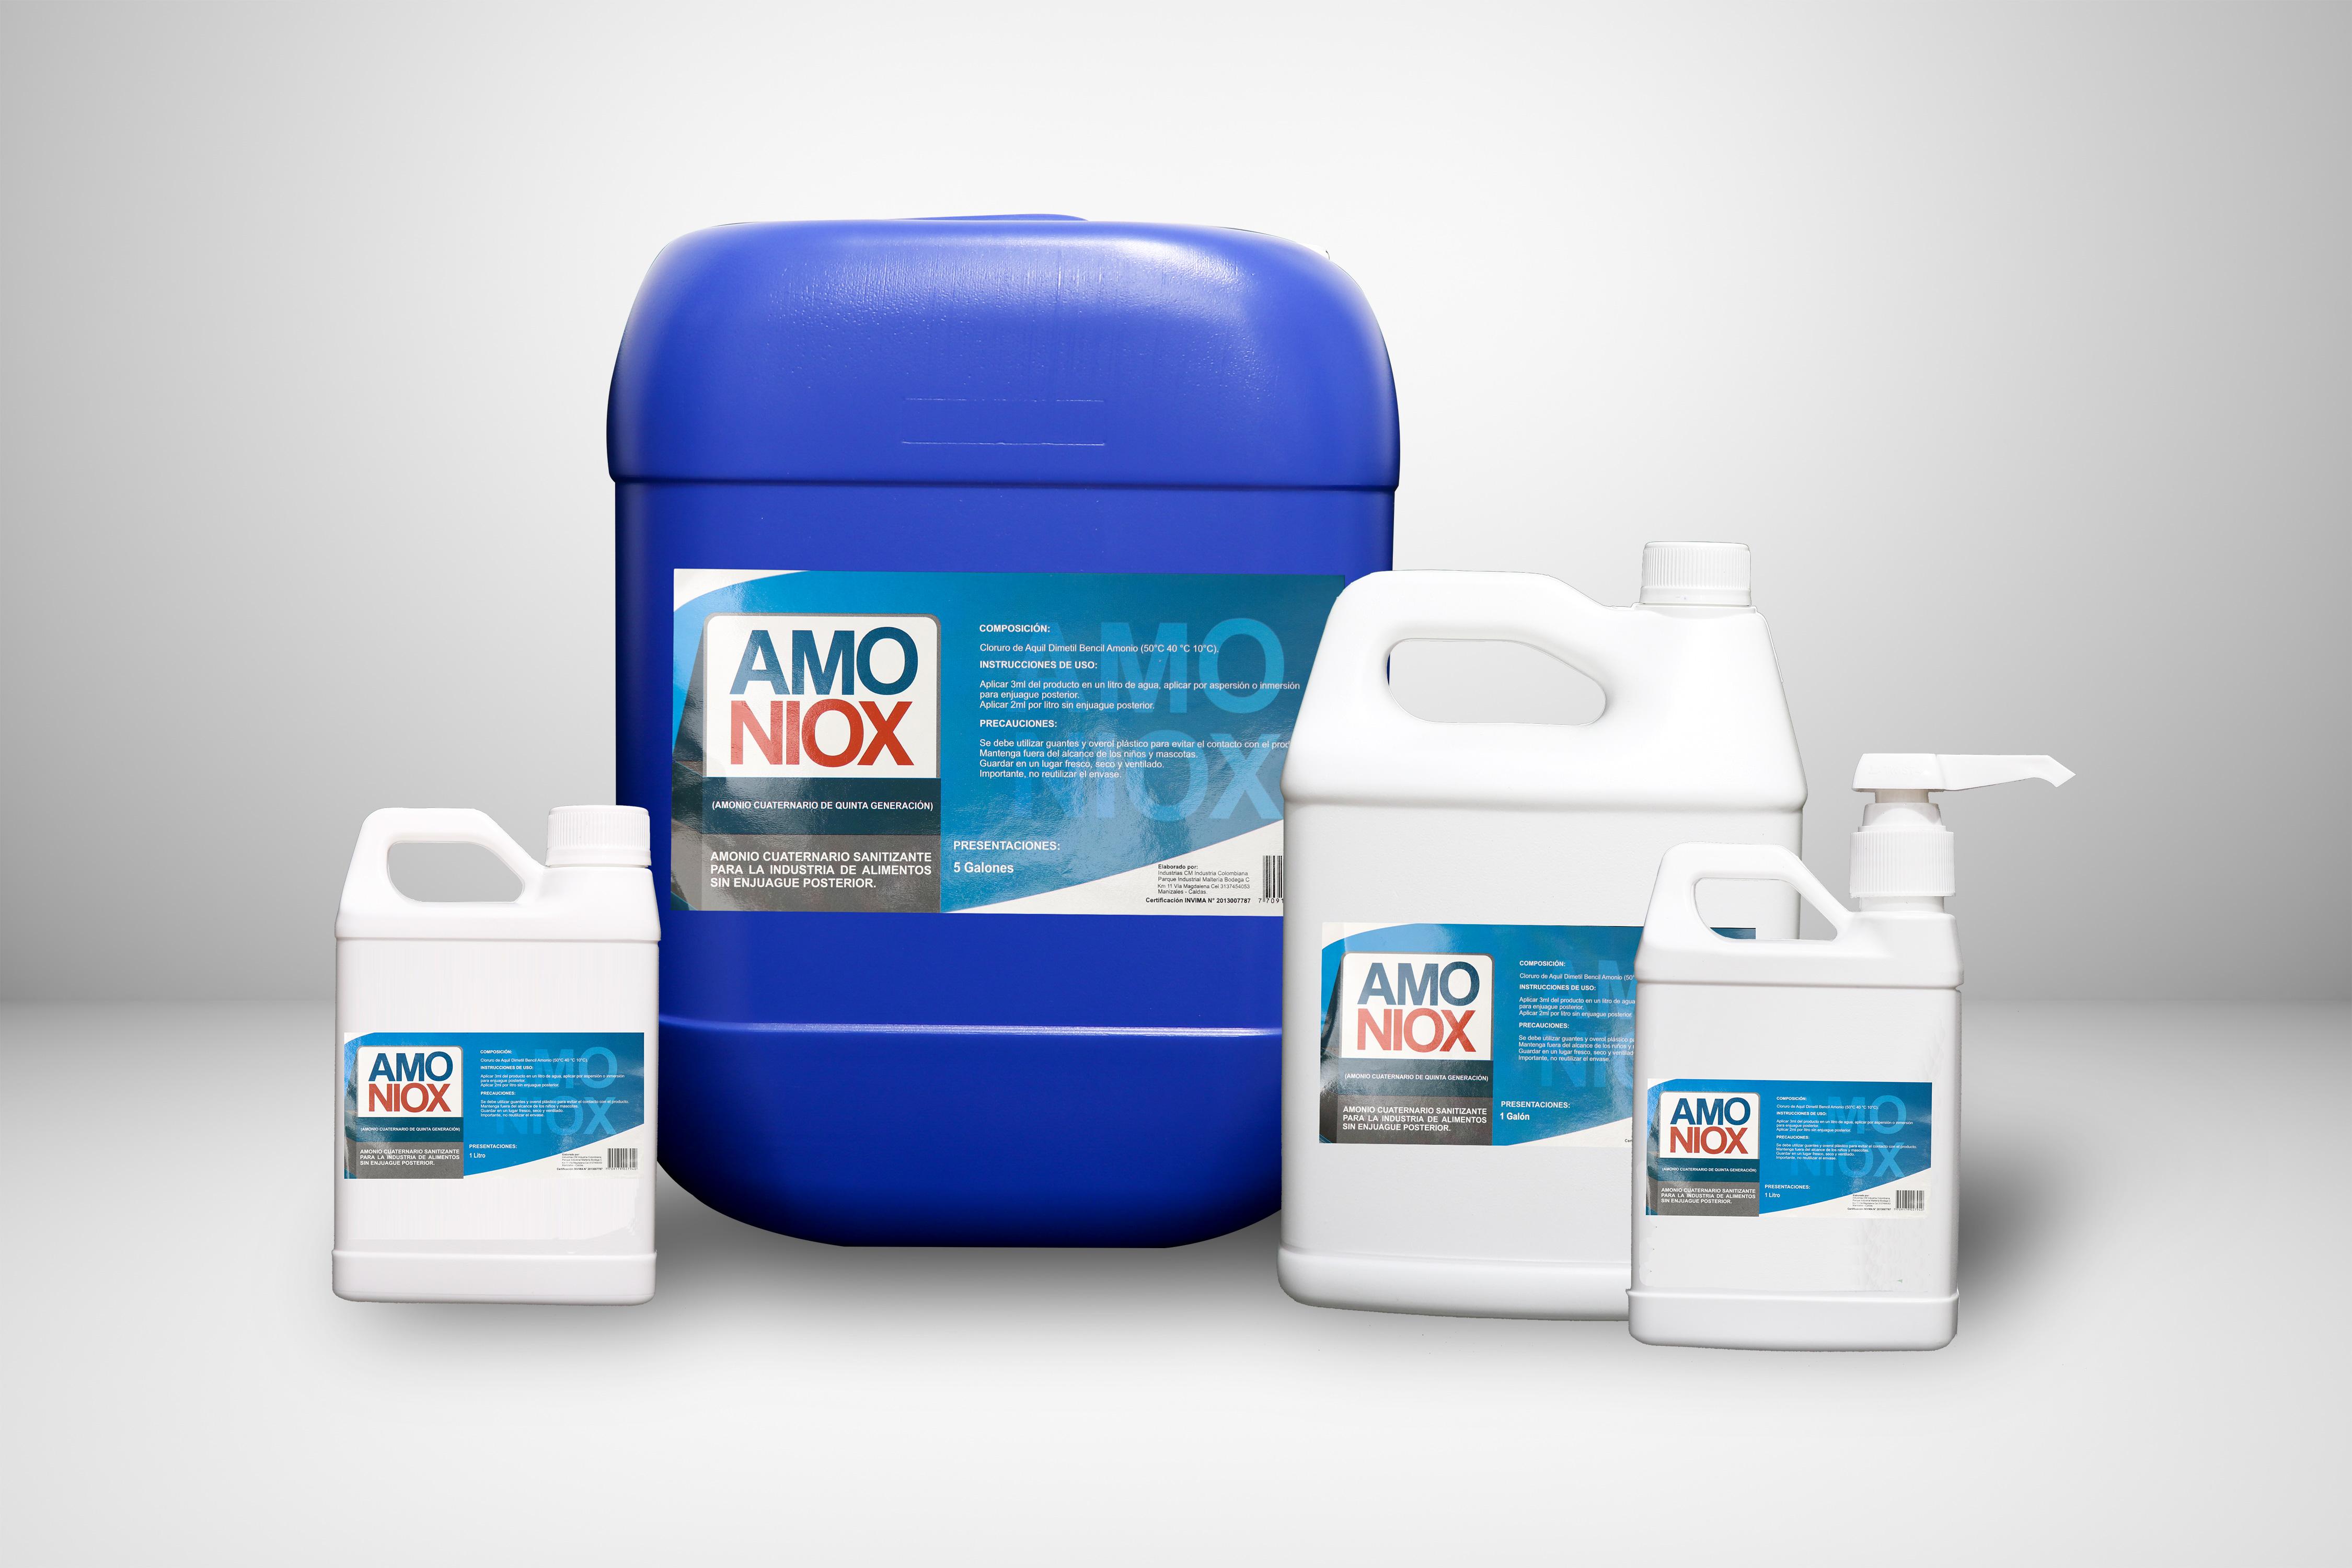 Amoniox